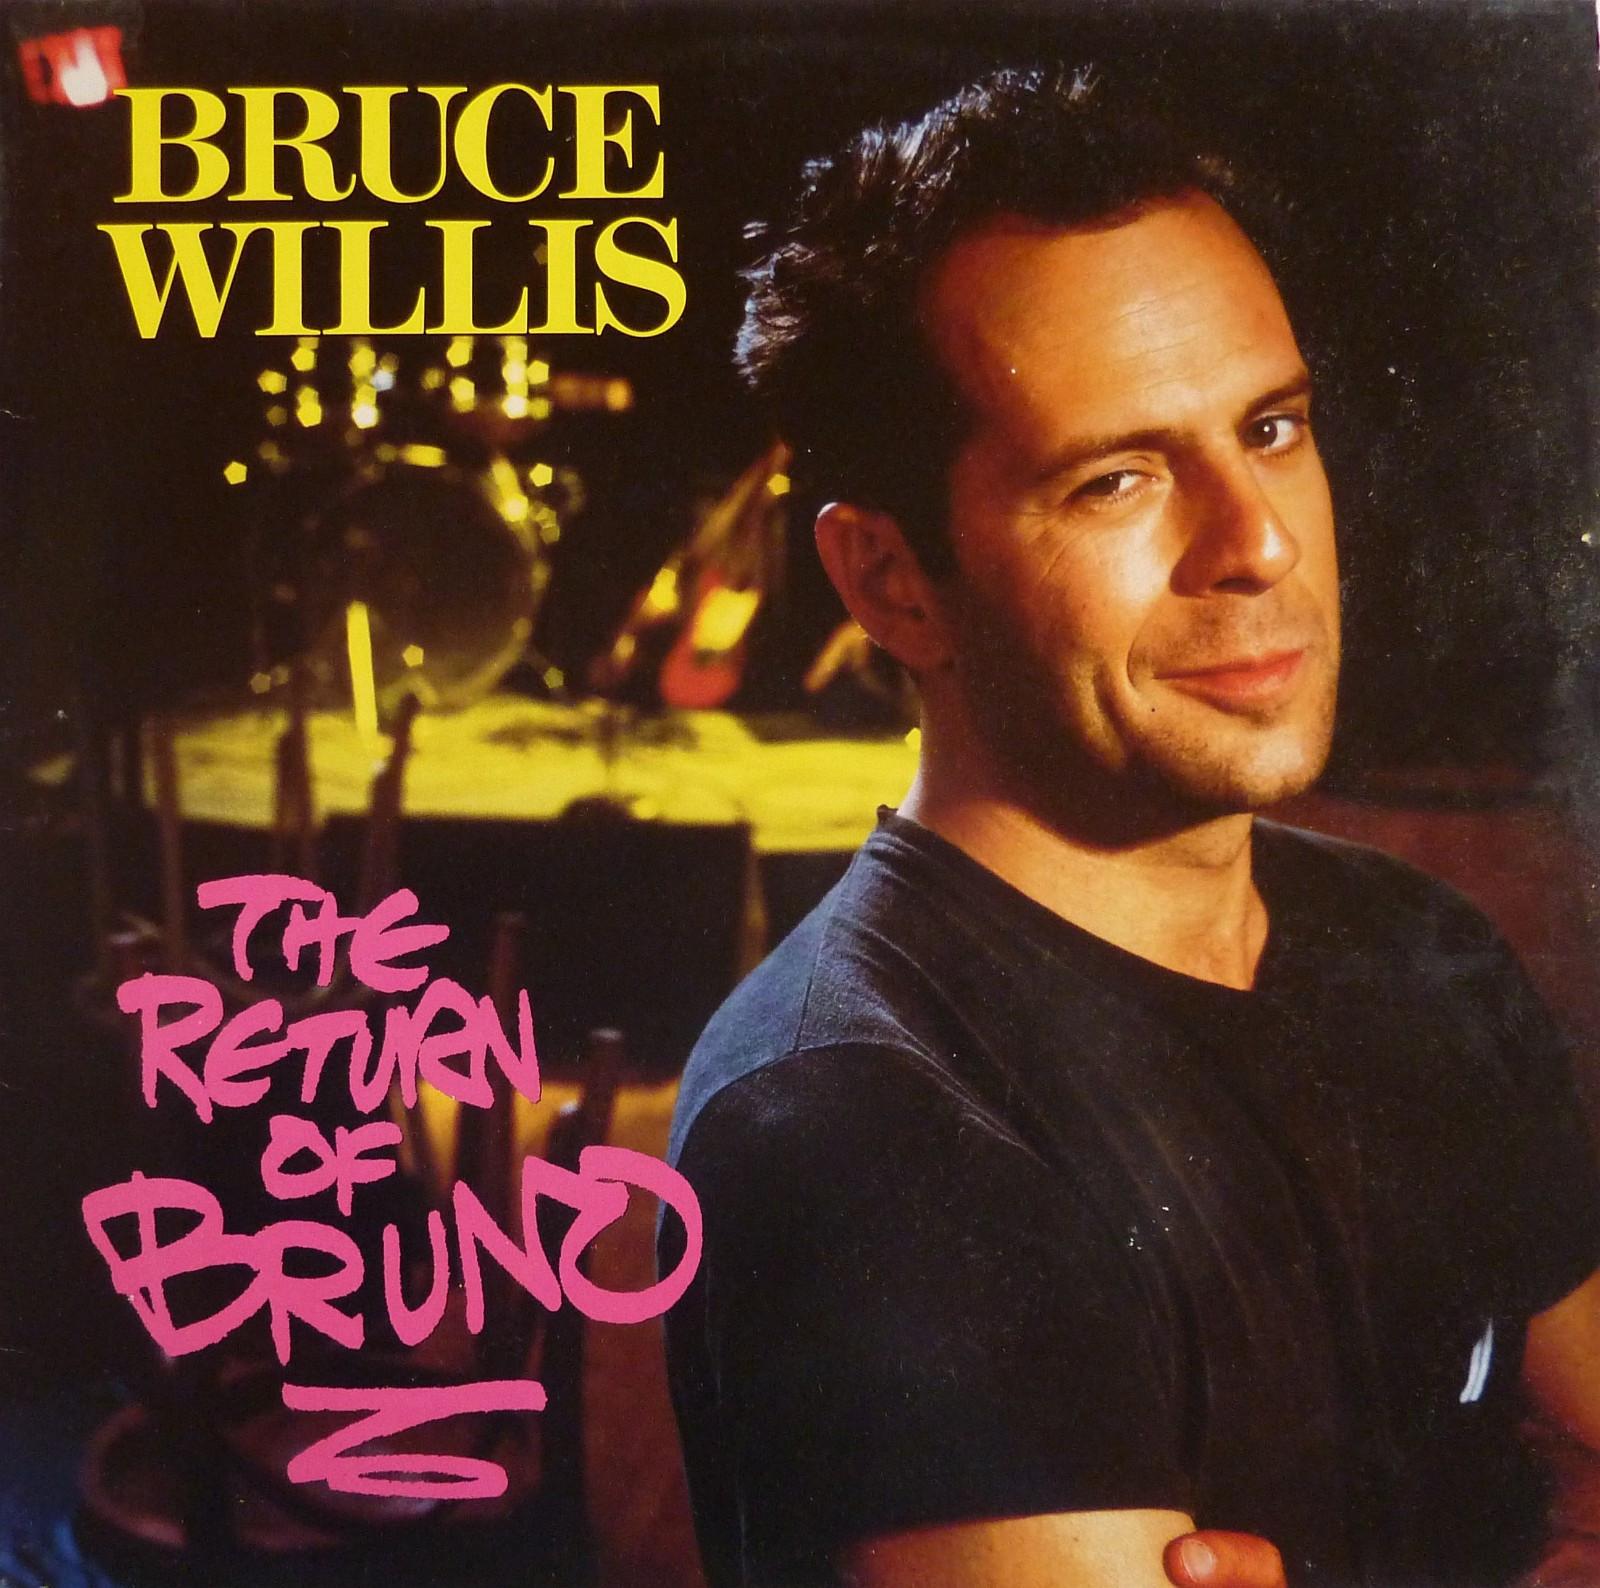 """Bruce Willis - The Return of Bruno (1987). Ja, dette er selveste Bruce Willis - Ski  - Bruce Willis - The Return of Bruno. Utgitt på Motown, US 1987. Vinyl album 12"""". Label 6222ML.  Genre: Funk / Soul, Blues Style: Rhythm & Blues, New Jack Swing   Tracklist: A1 Comin' R - Ski"""